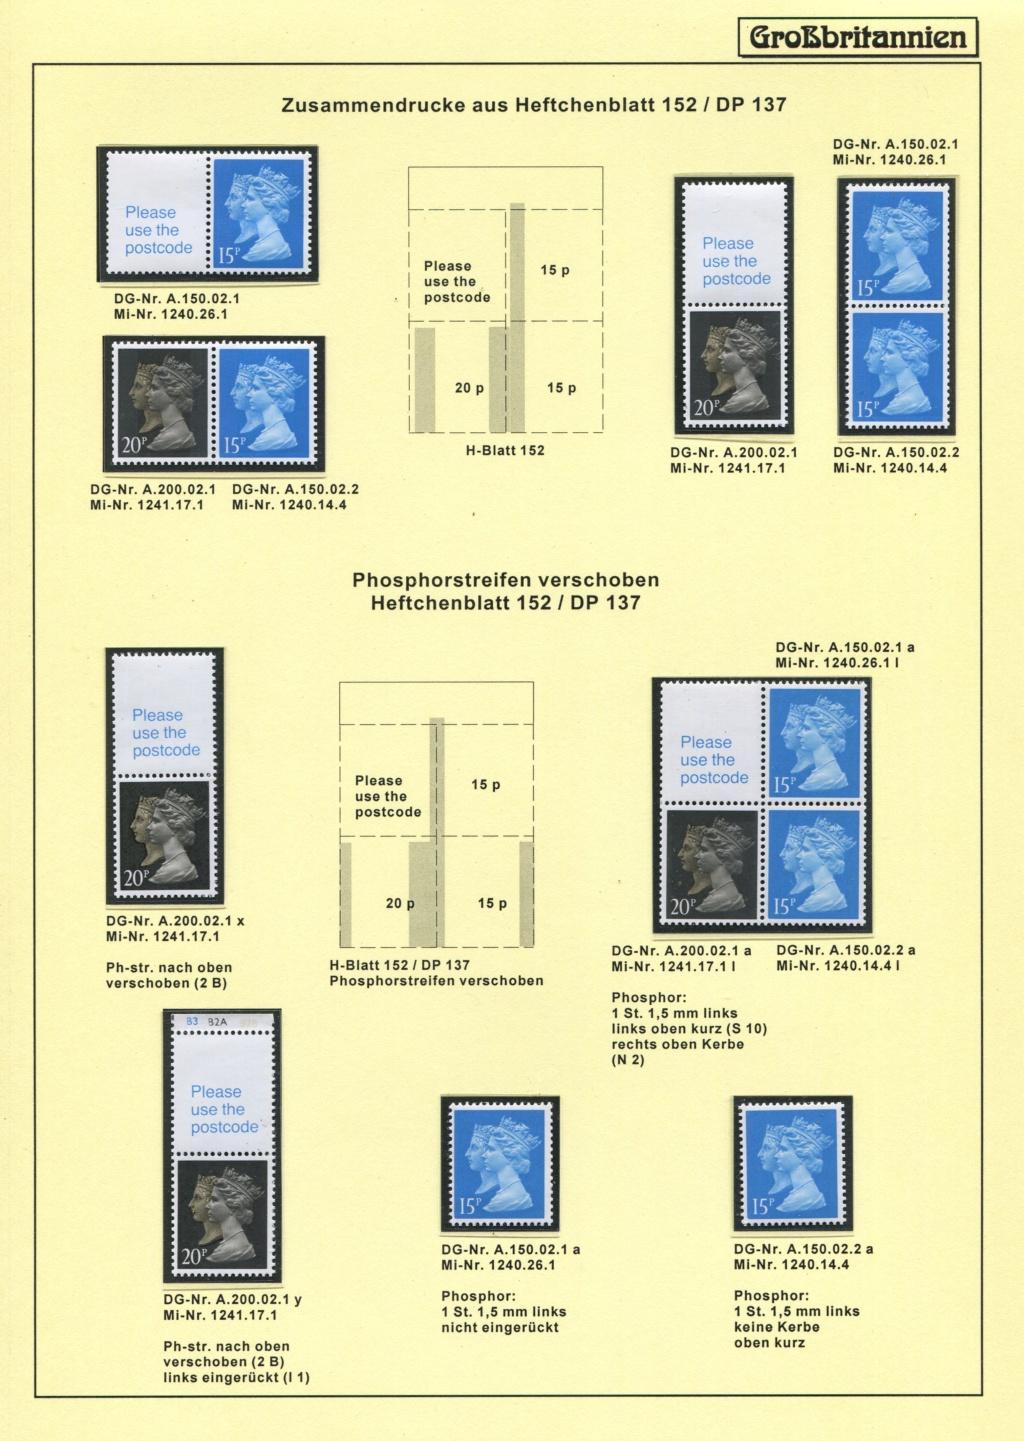 Großbritannien - 150 Jahre Briefmarken Black_19